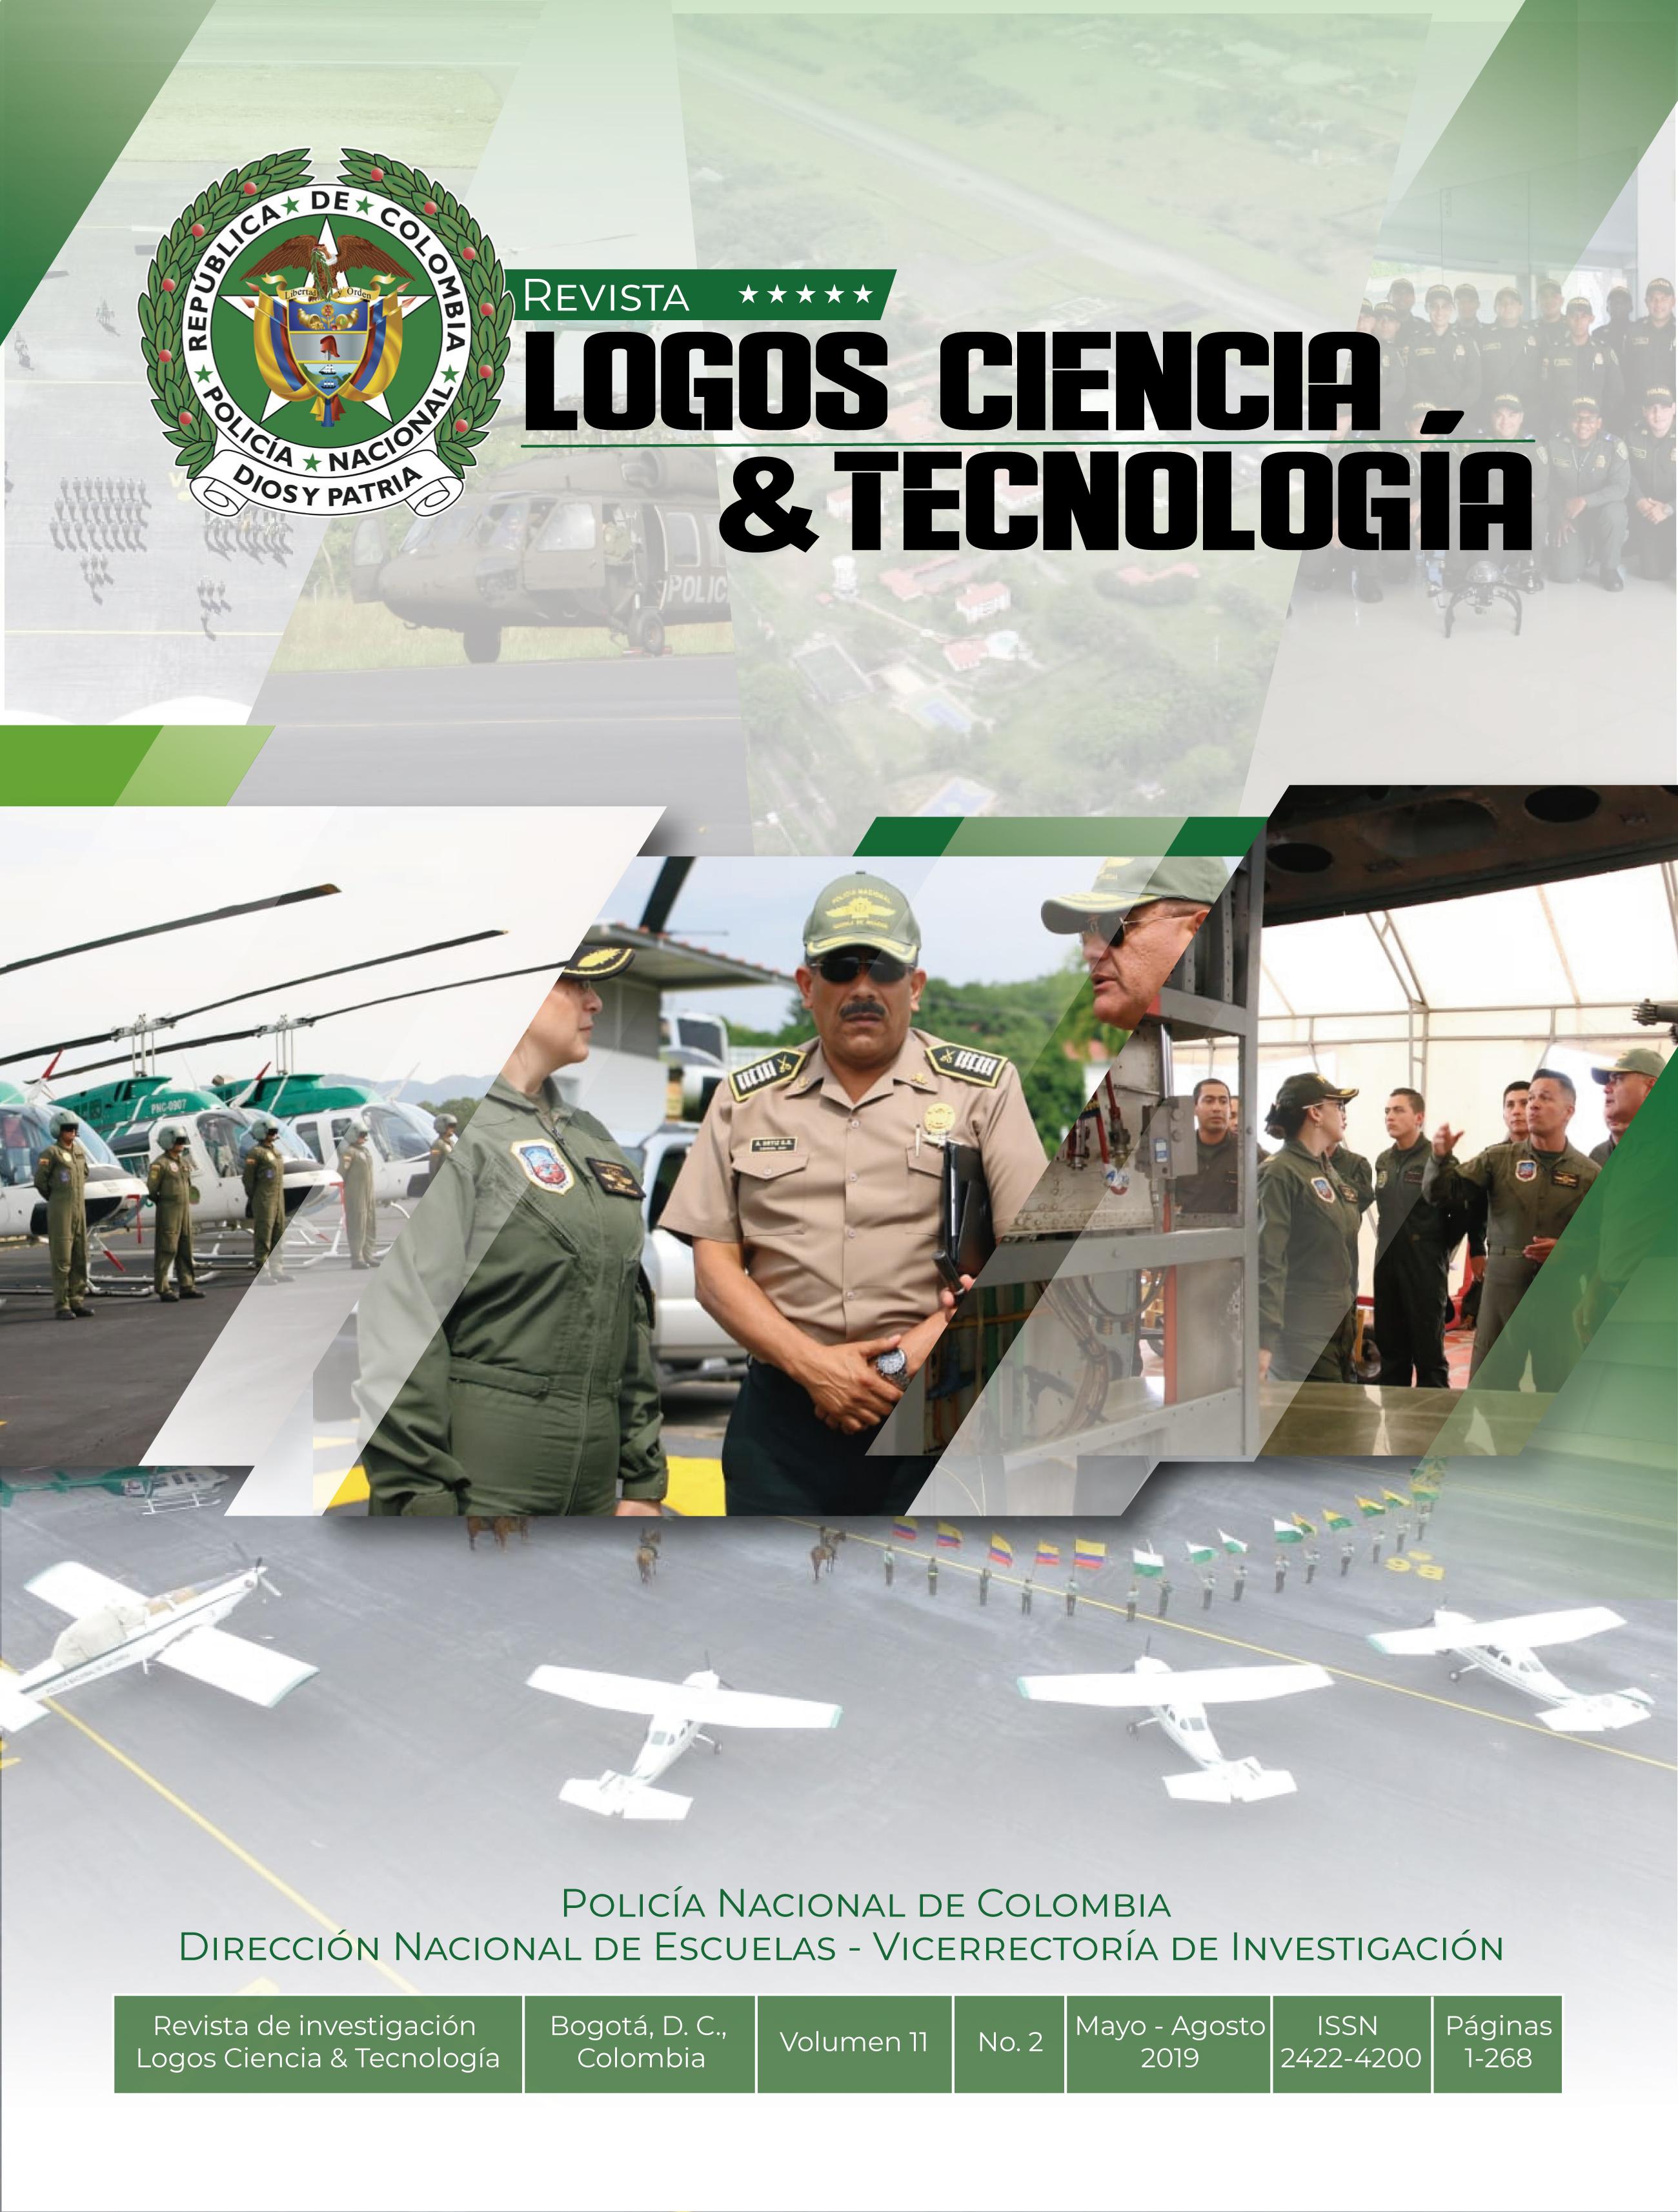 Analisis Descriptivo De Las Concepciones Sobre Historia De Las Ciencias En Profesores En Formacion Inicial Revista Logos Ciencia Tecnologia